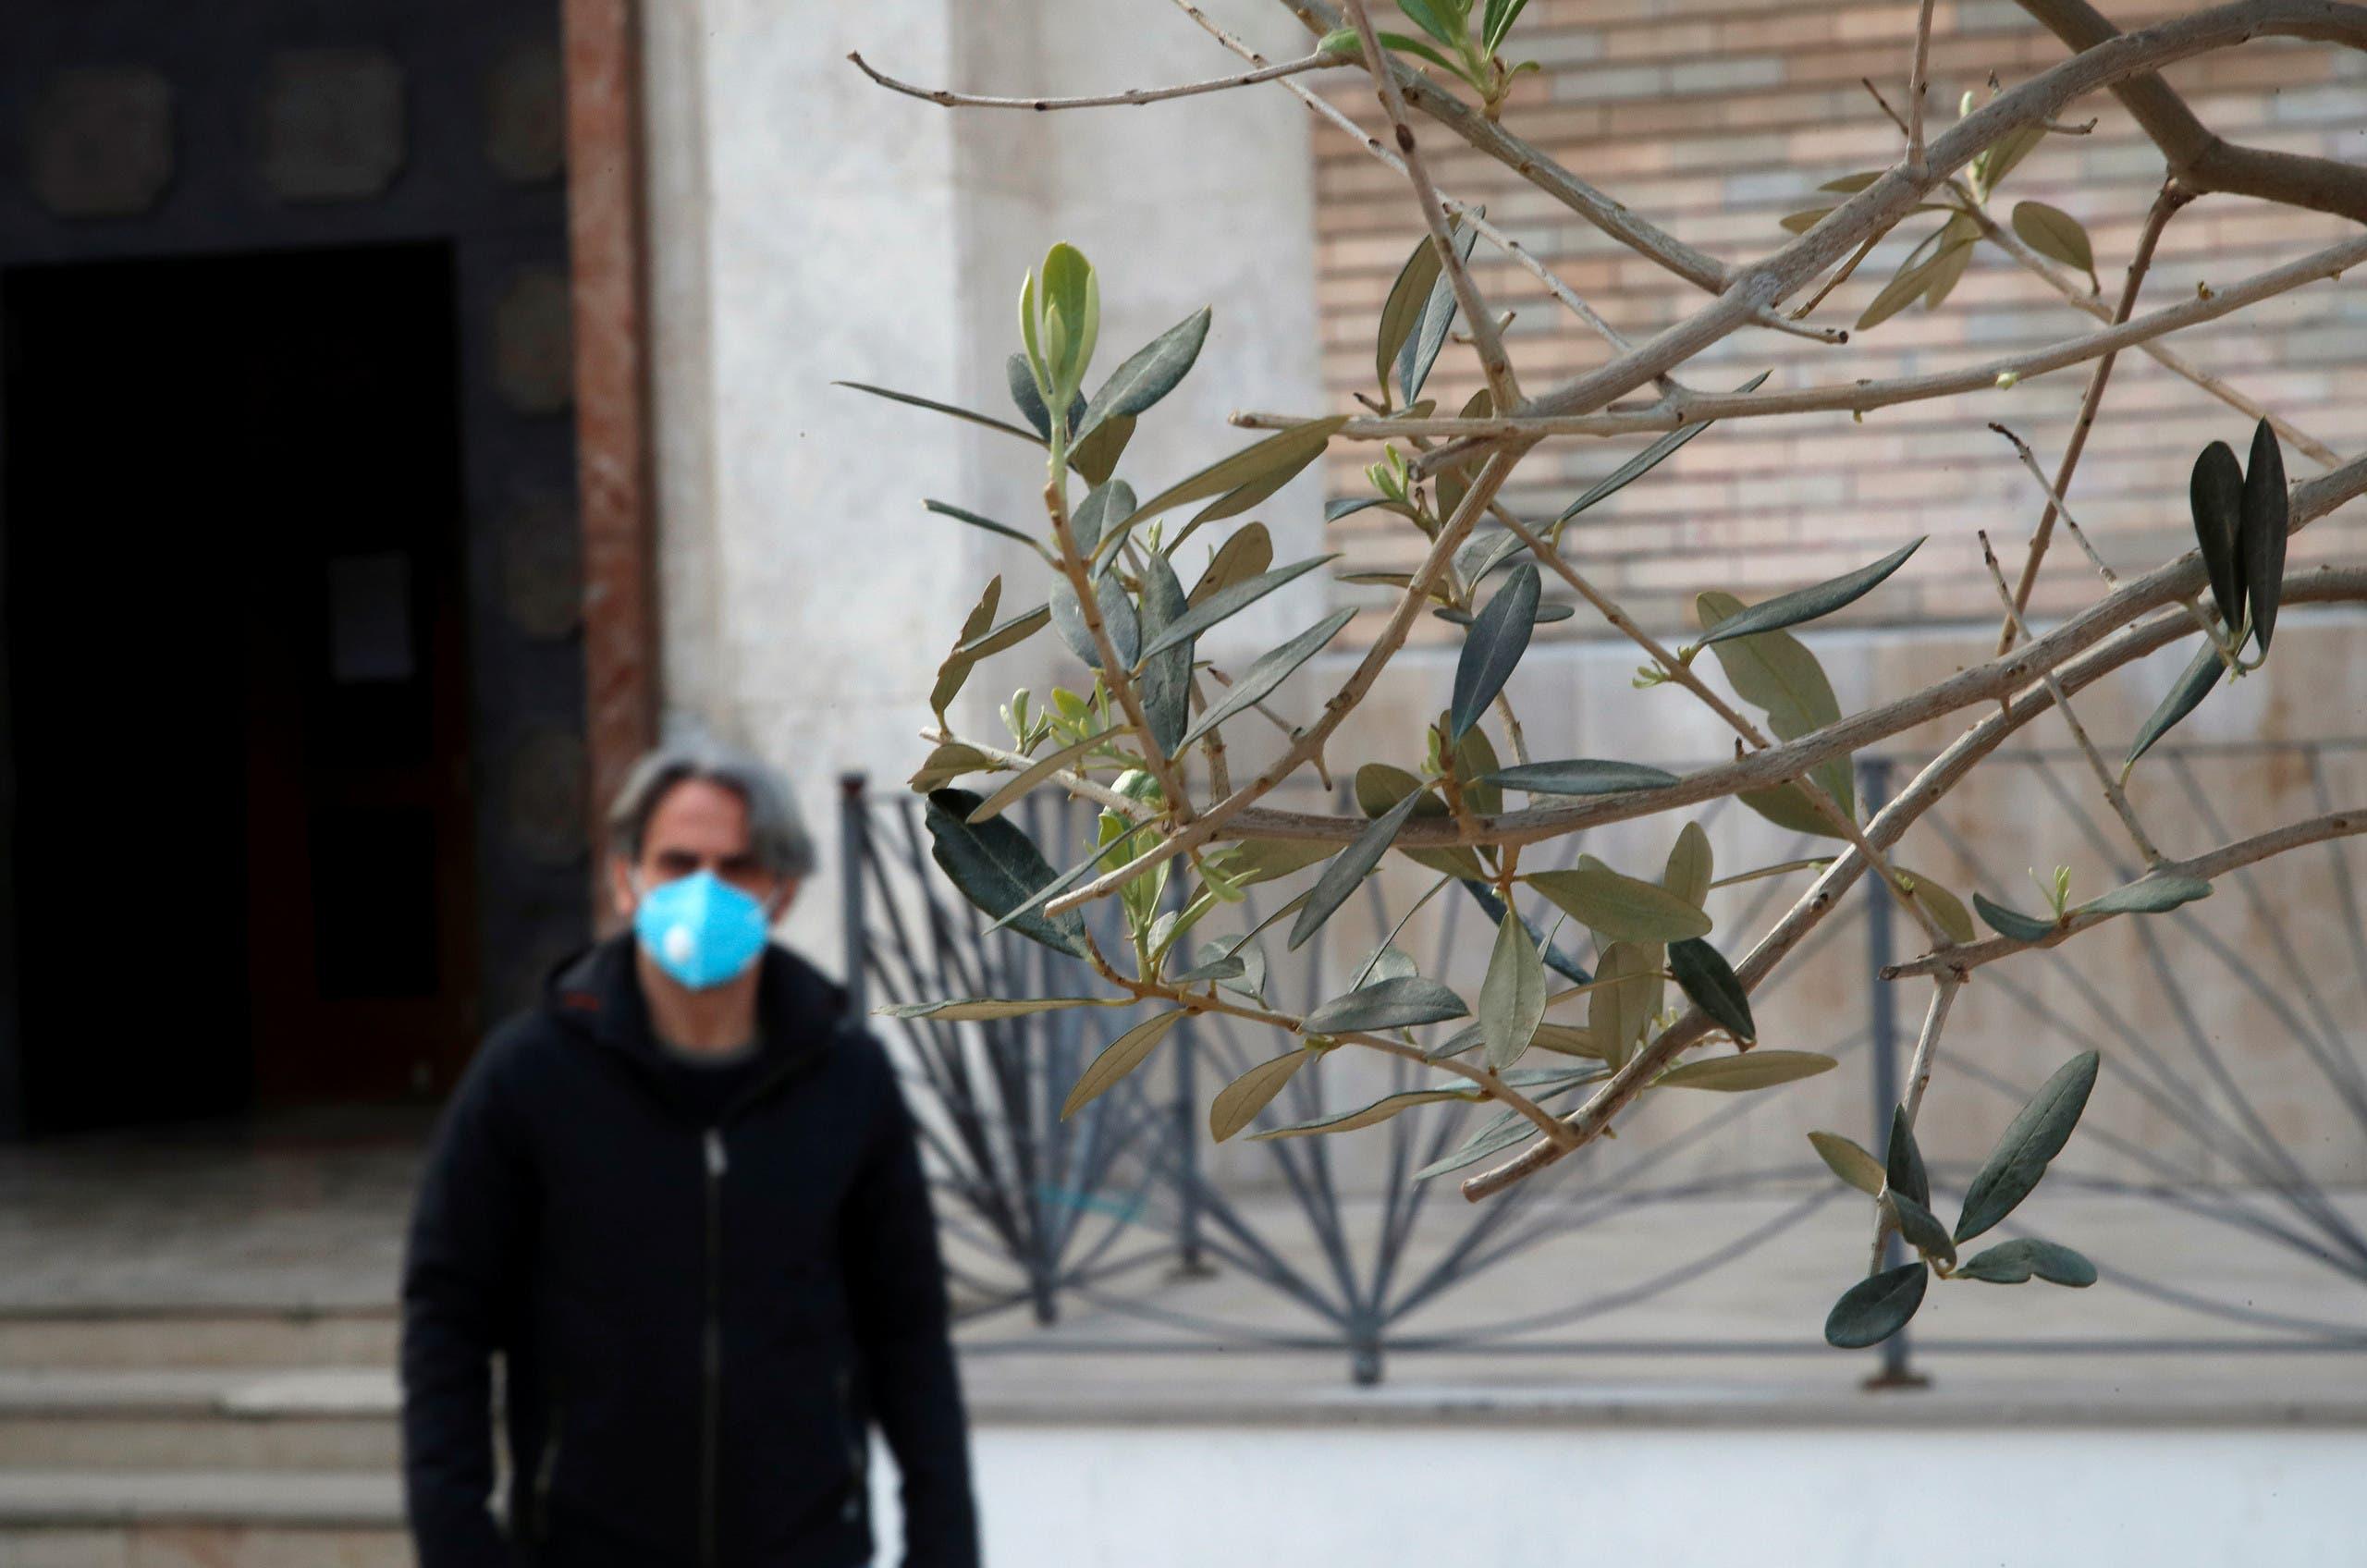 من نابولي في إيطاليا يوم 5 أبريل (من رويترز)